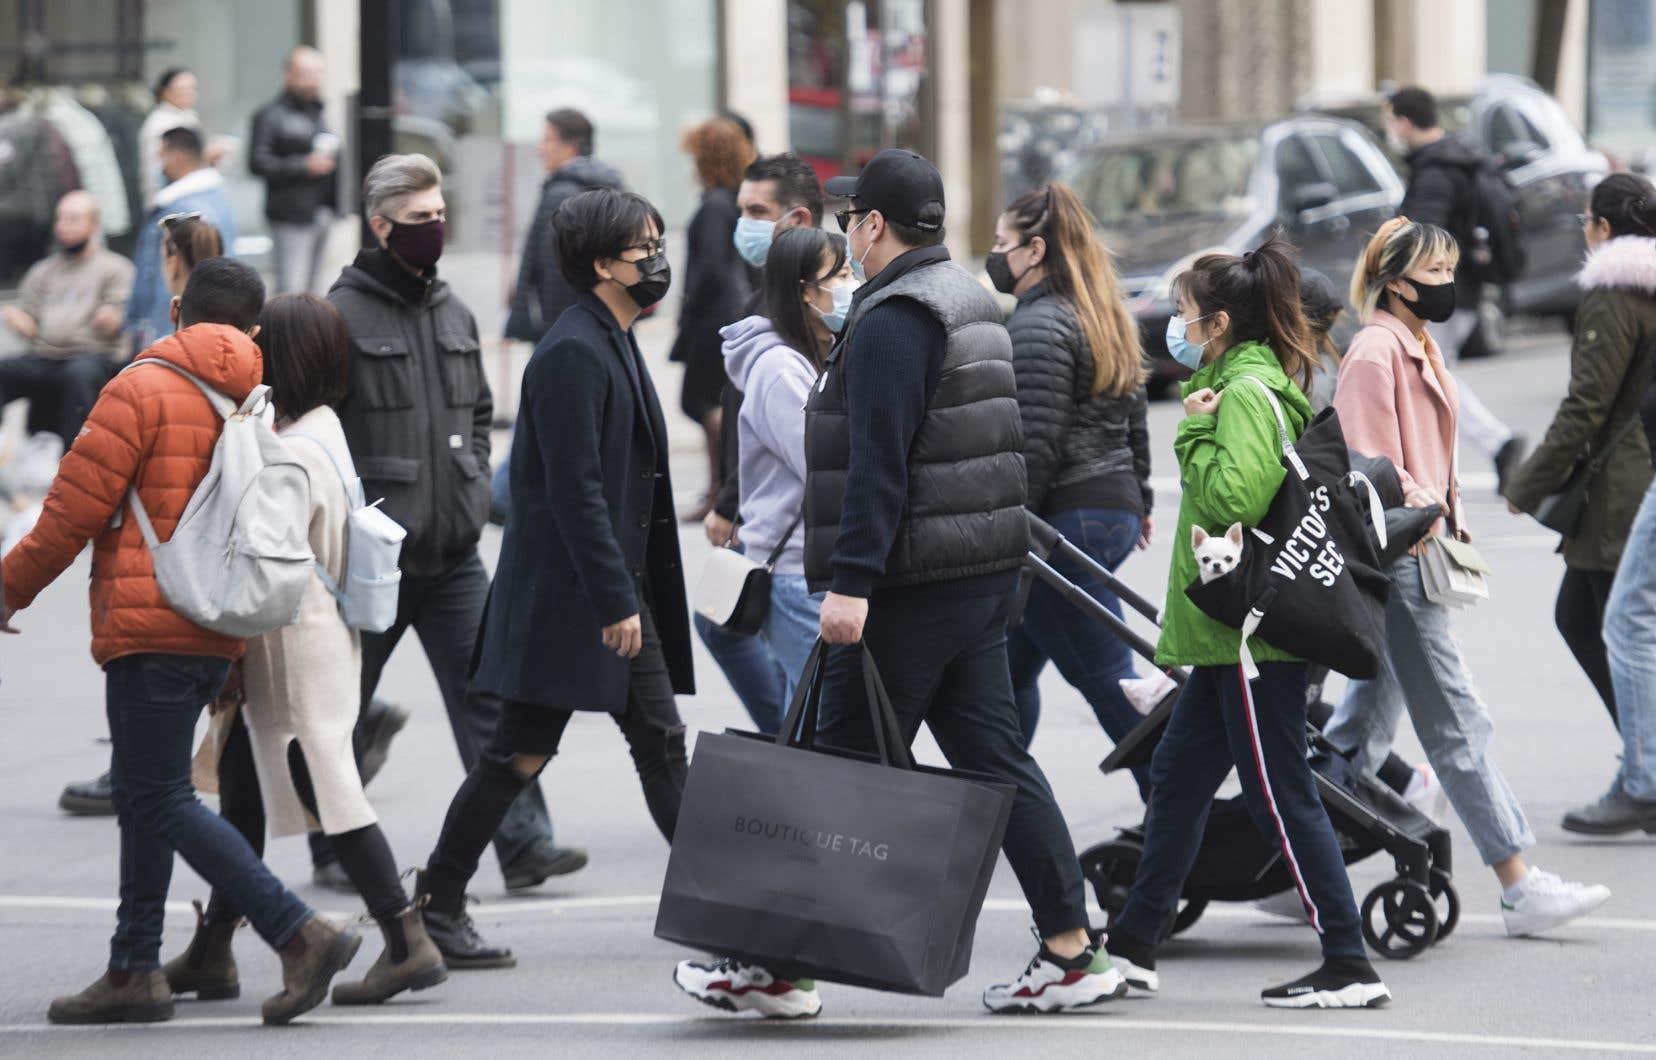 «Près de trente ans après la Déclaration de Montréal contre la discrimination raciale, la métropole doit enfin se doter d'une vision politique claire et convaincante, transposée dans une stratégie qui l'est tout autant», croit l'auteur.